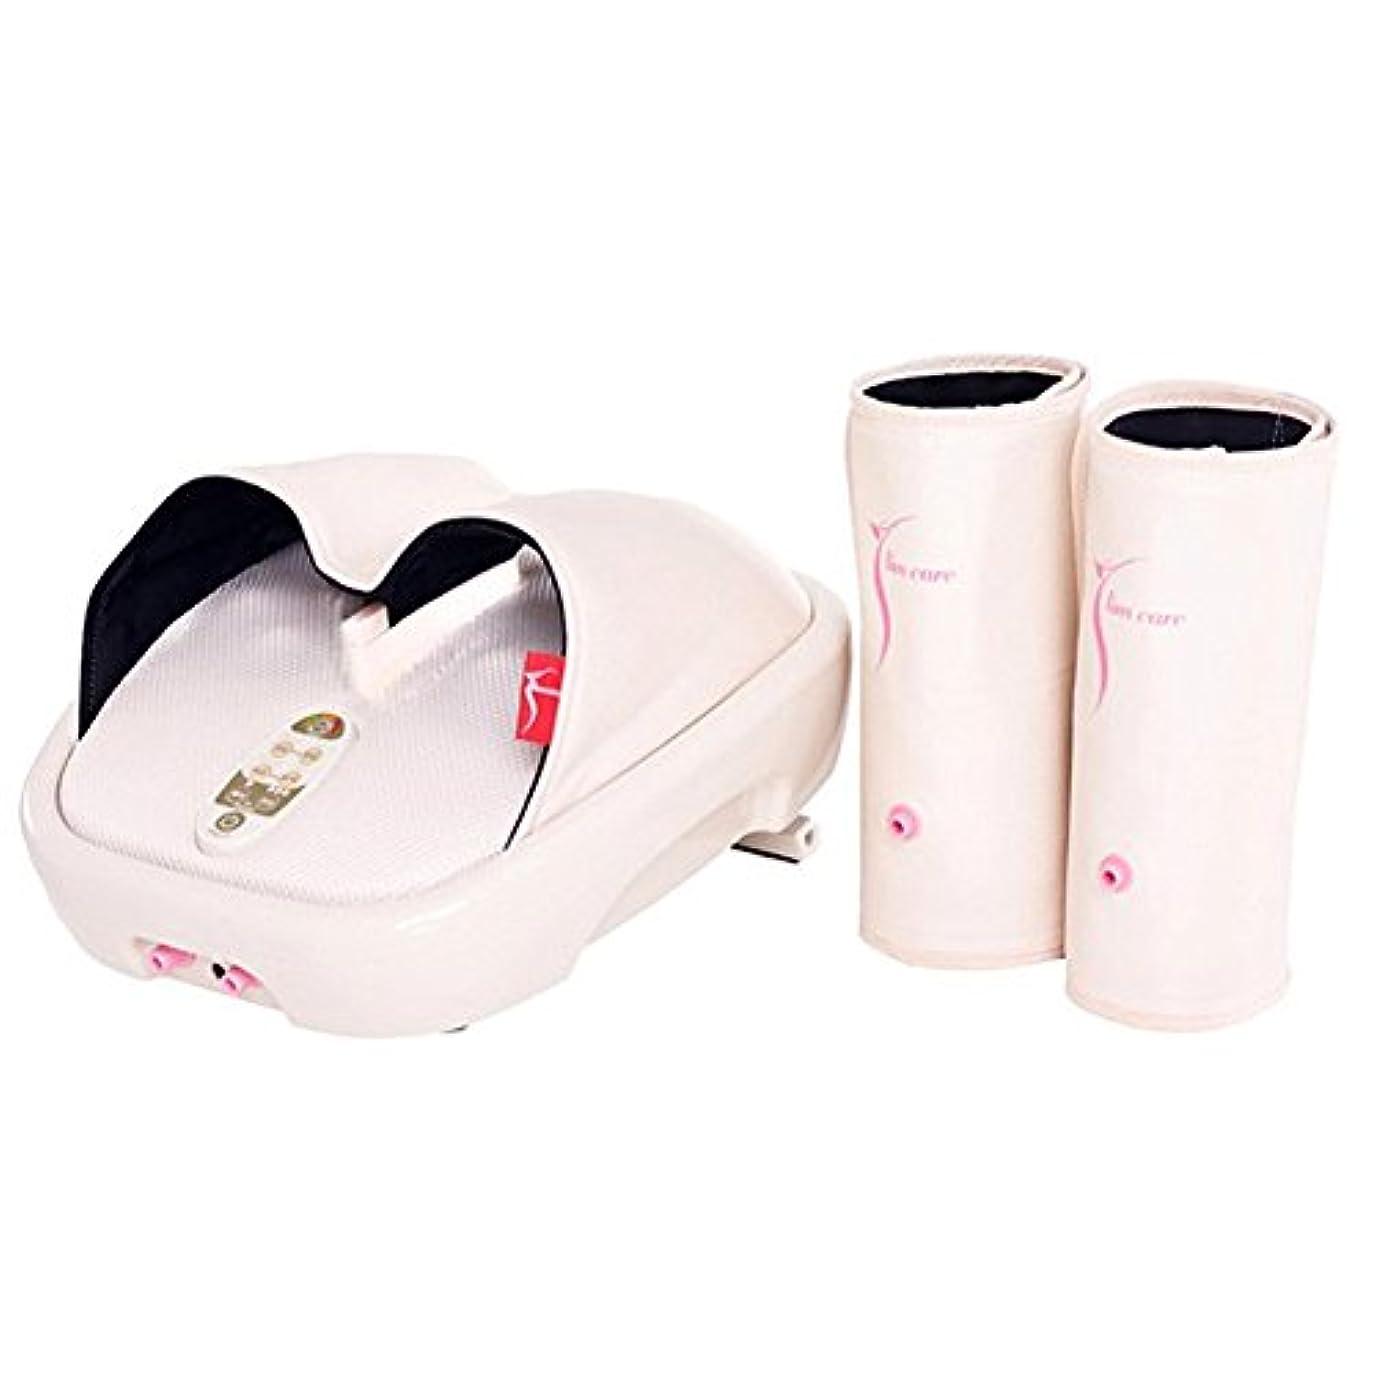 効能あるコントロール突き出すHanil 532 Y-Liner HIL-9000F Air Compression Heating Foot Massager with Calf Cuff ハニール532 YライナーHILL-9000Fエアコンプレッションヒートフットマッサージャー...